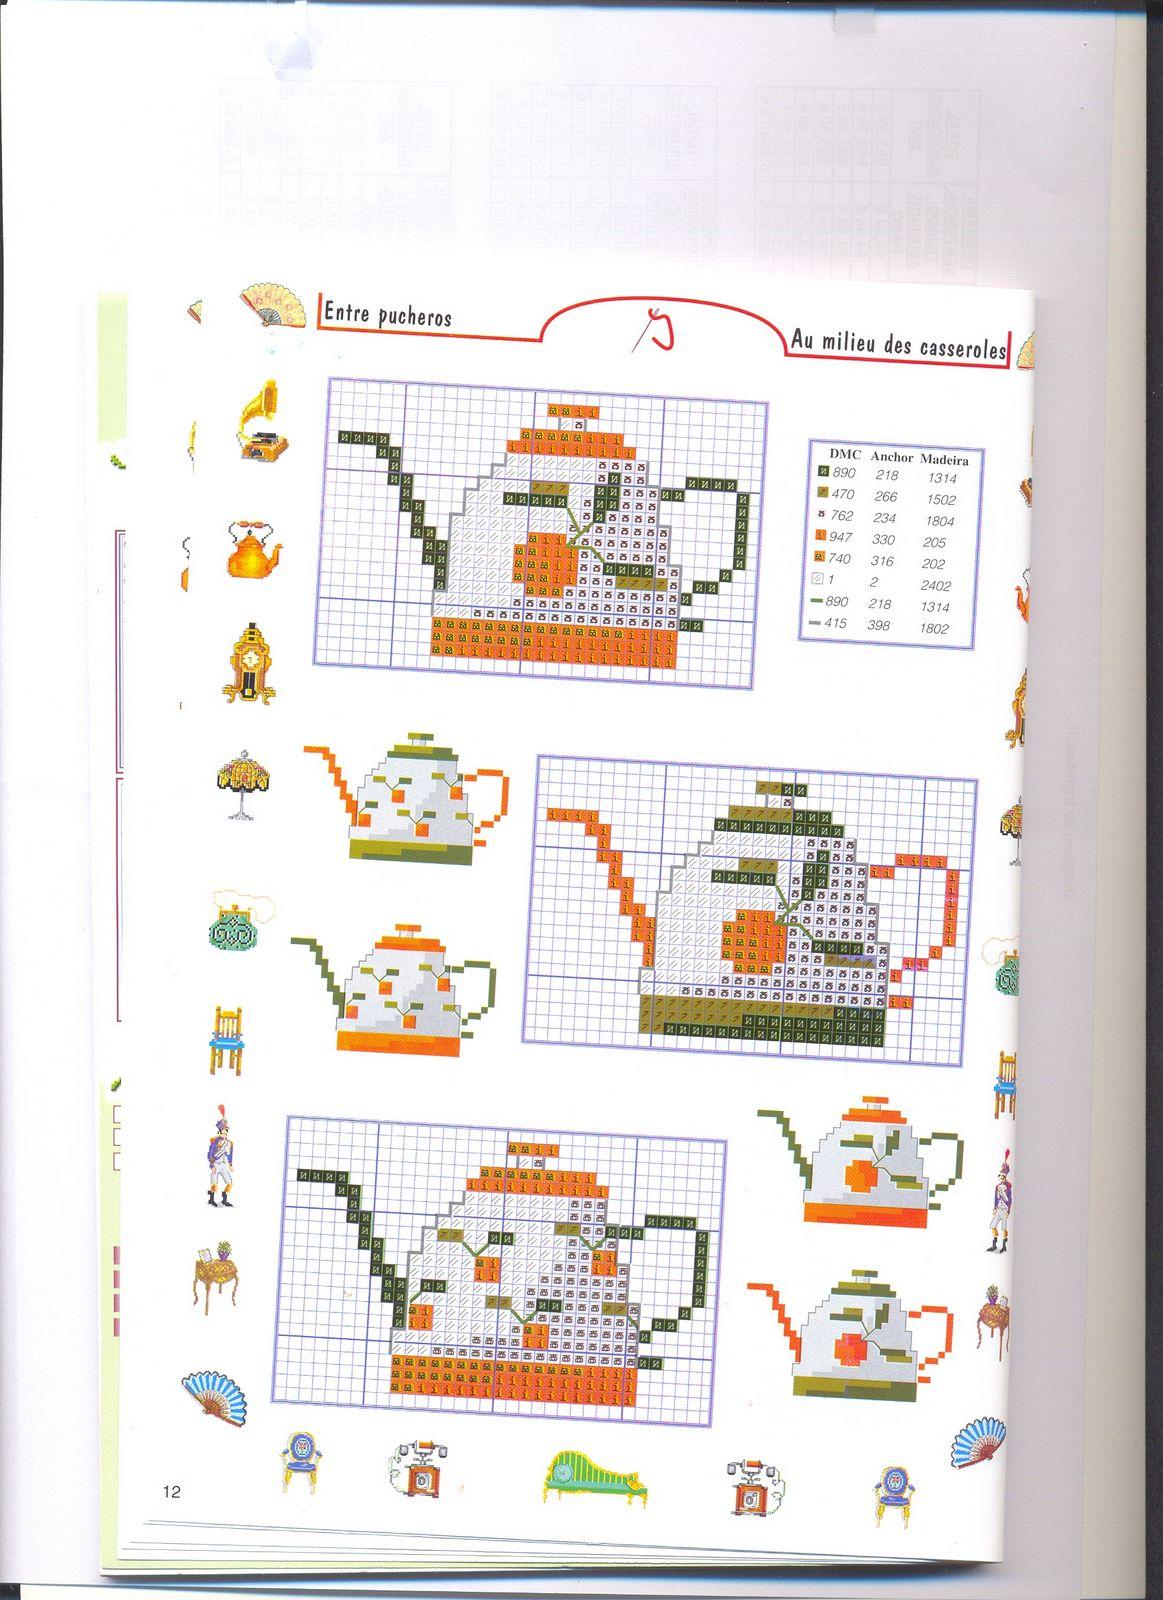 Piccoli accessori piatti e pentole punto croce 6 for Registro casa schemi